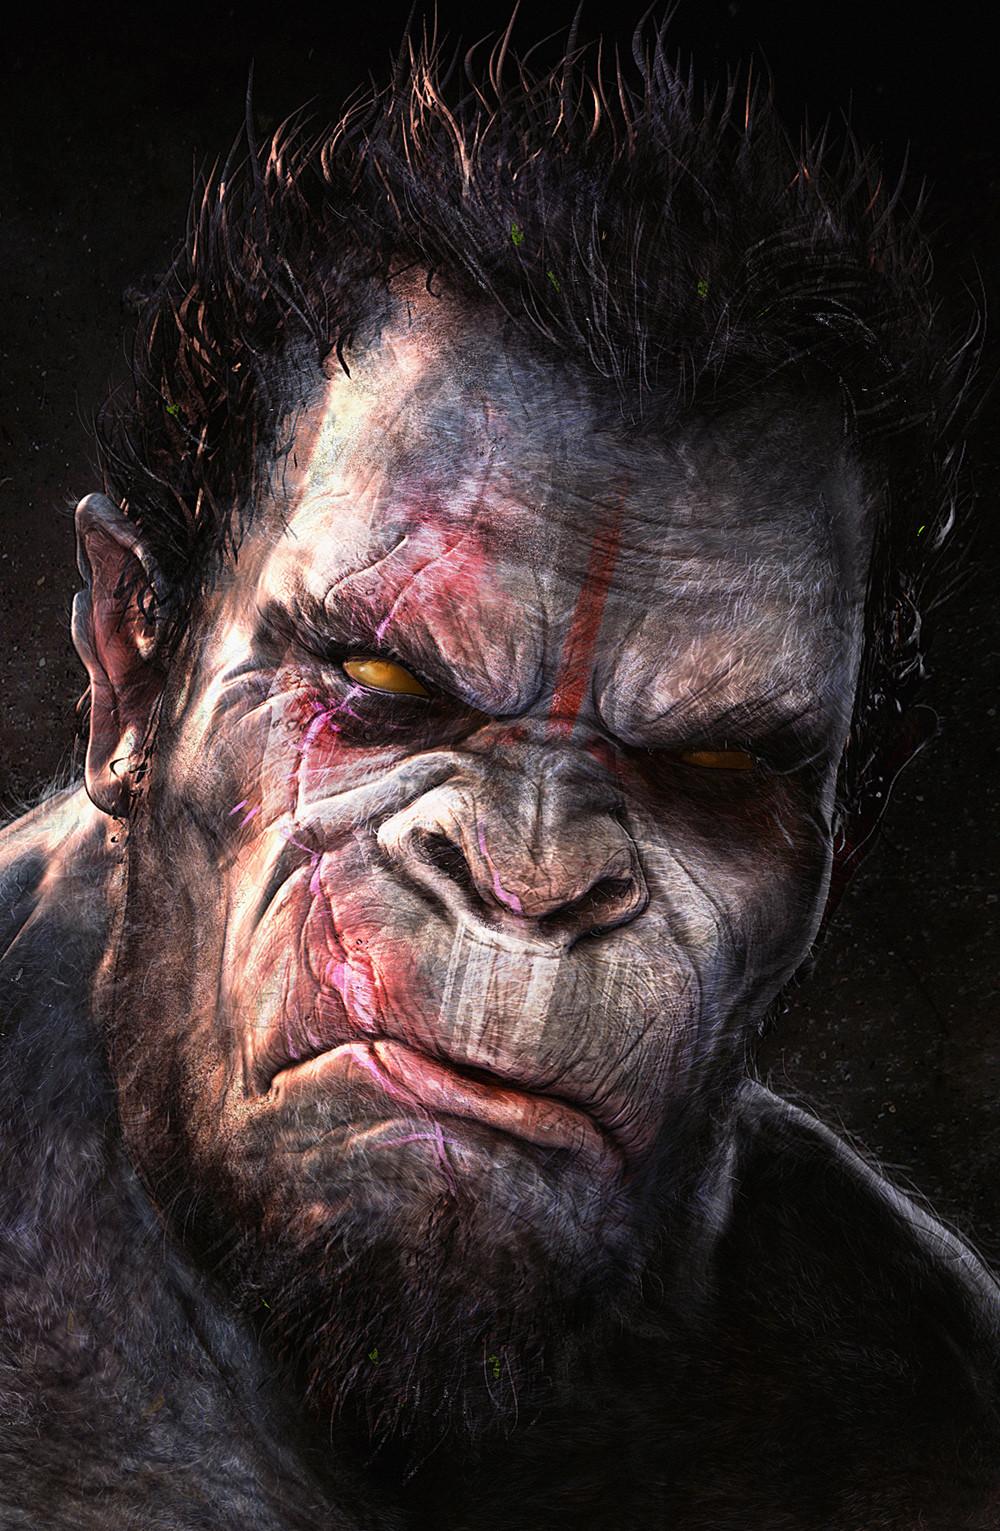 Adnan ali gorilla6 face